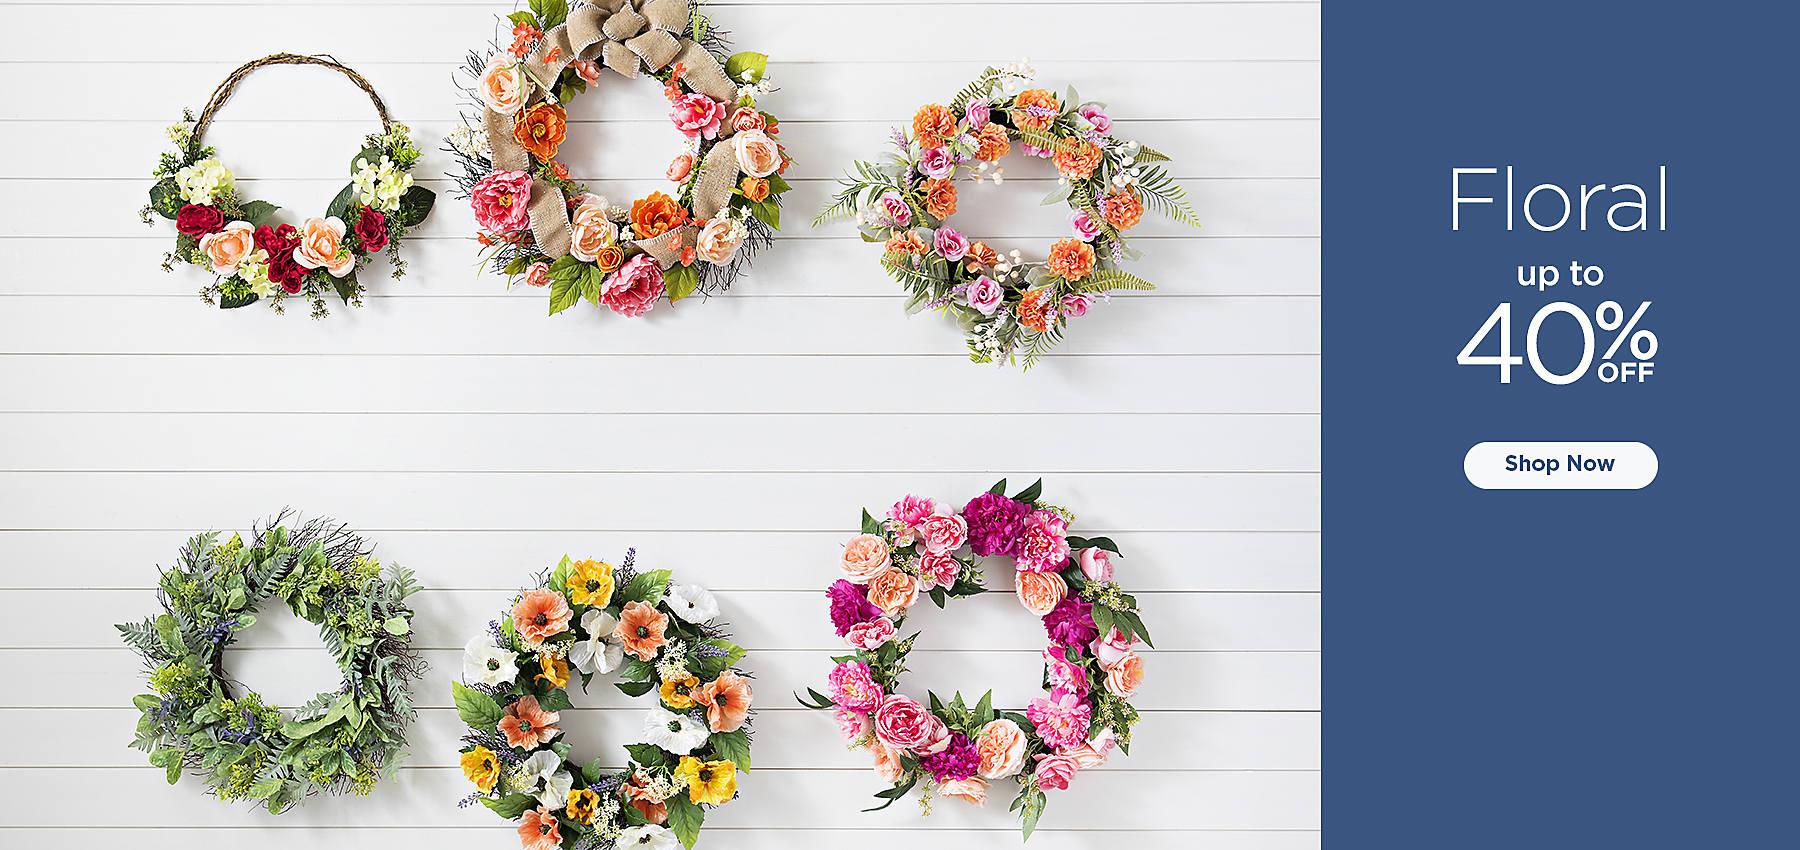 Floral 40% Off - Shop Now